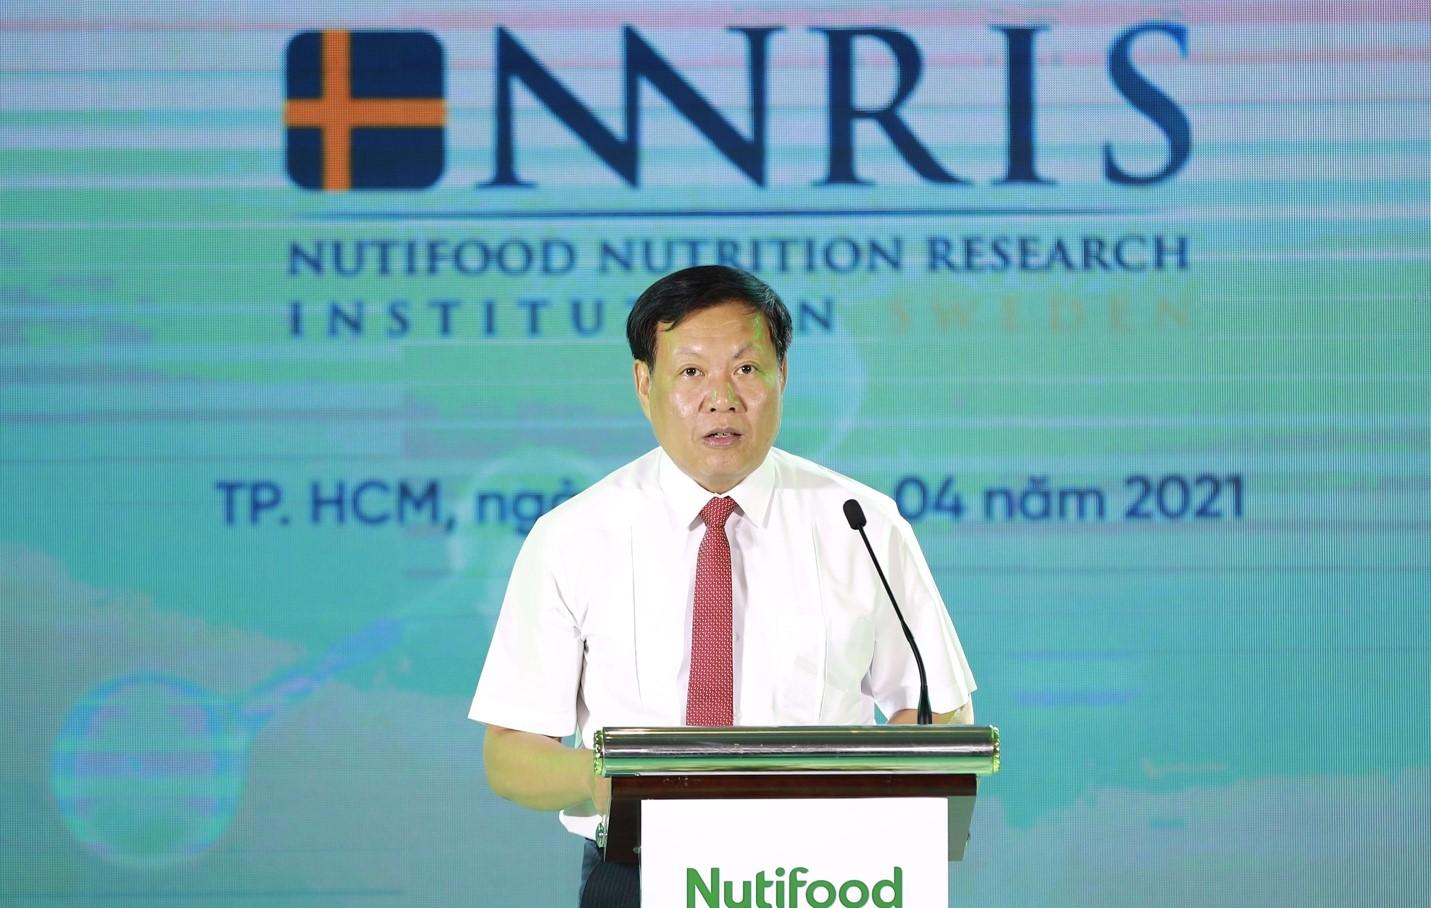 Thứ trưởng Bộ Y tế Đỗ Xuân Tuyên phát biểu tại Lễ ra mắt Viện Nghiên Cứu Dinh dưỡng Nutifood Thuỵ Điển